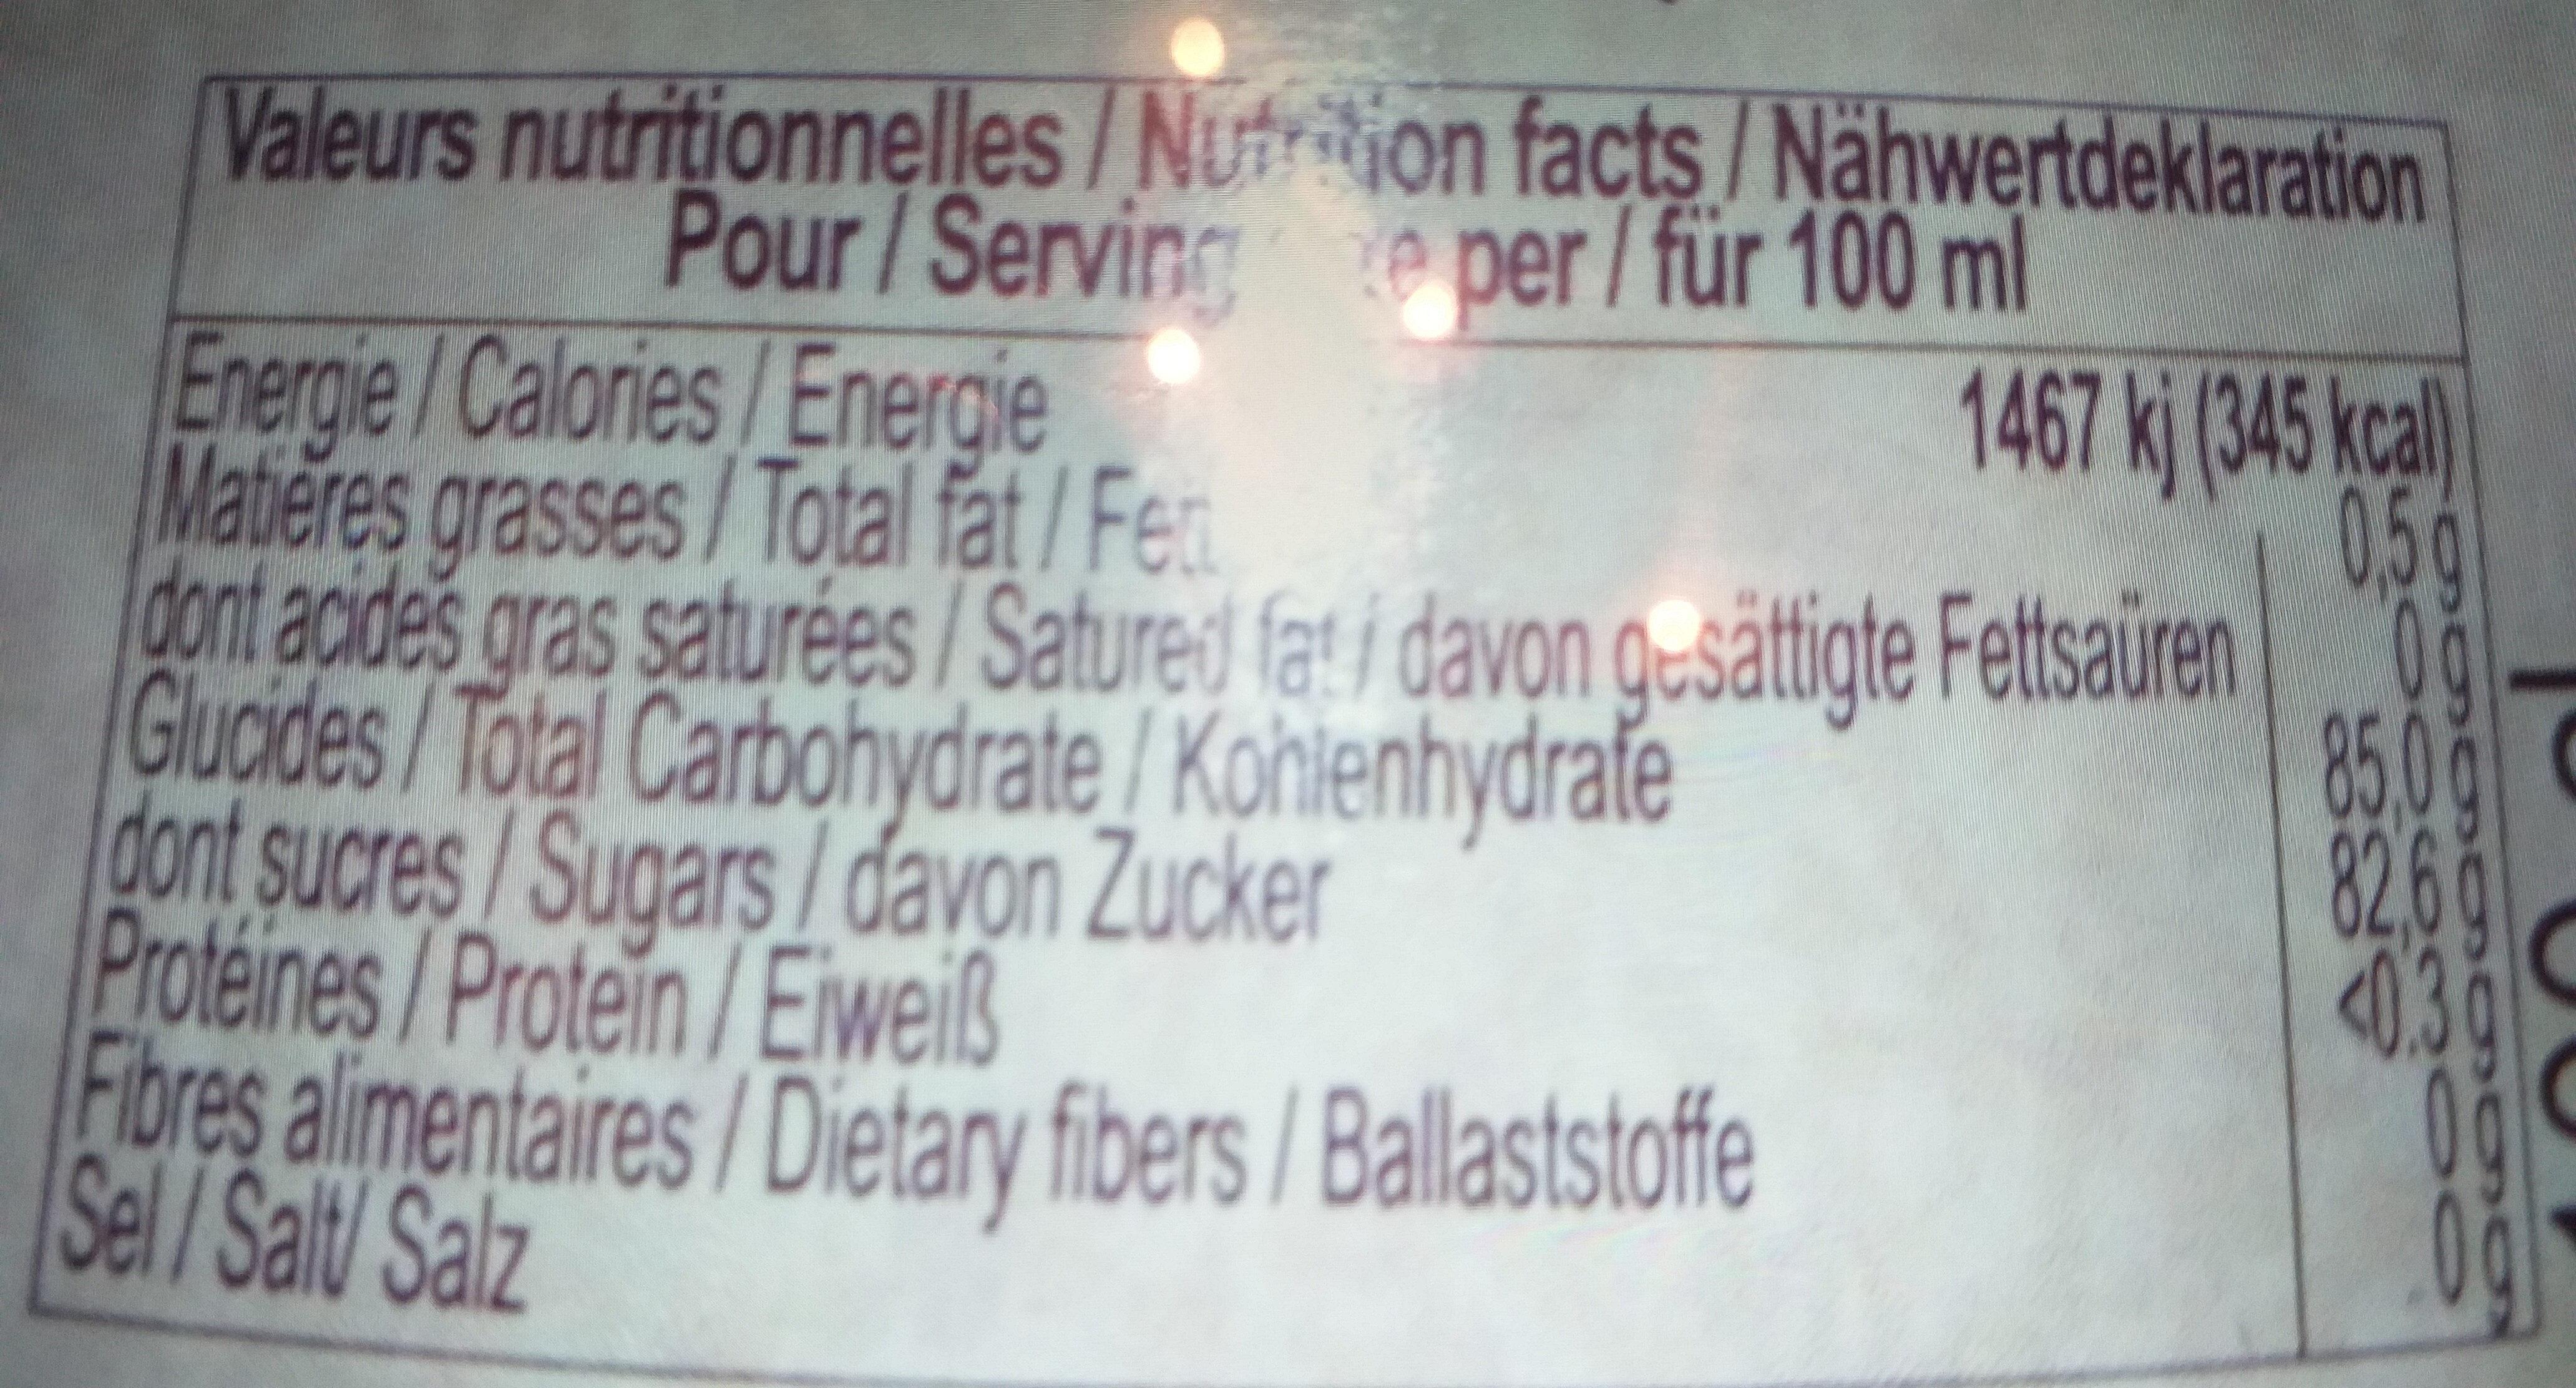 Sirop de kiwi, garanti pour sucre - Informations nutritionnelles